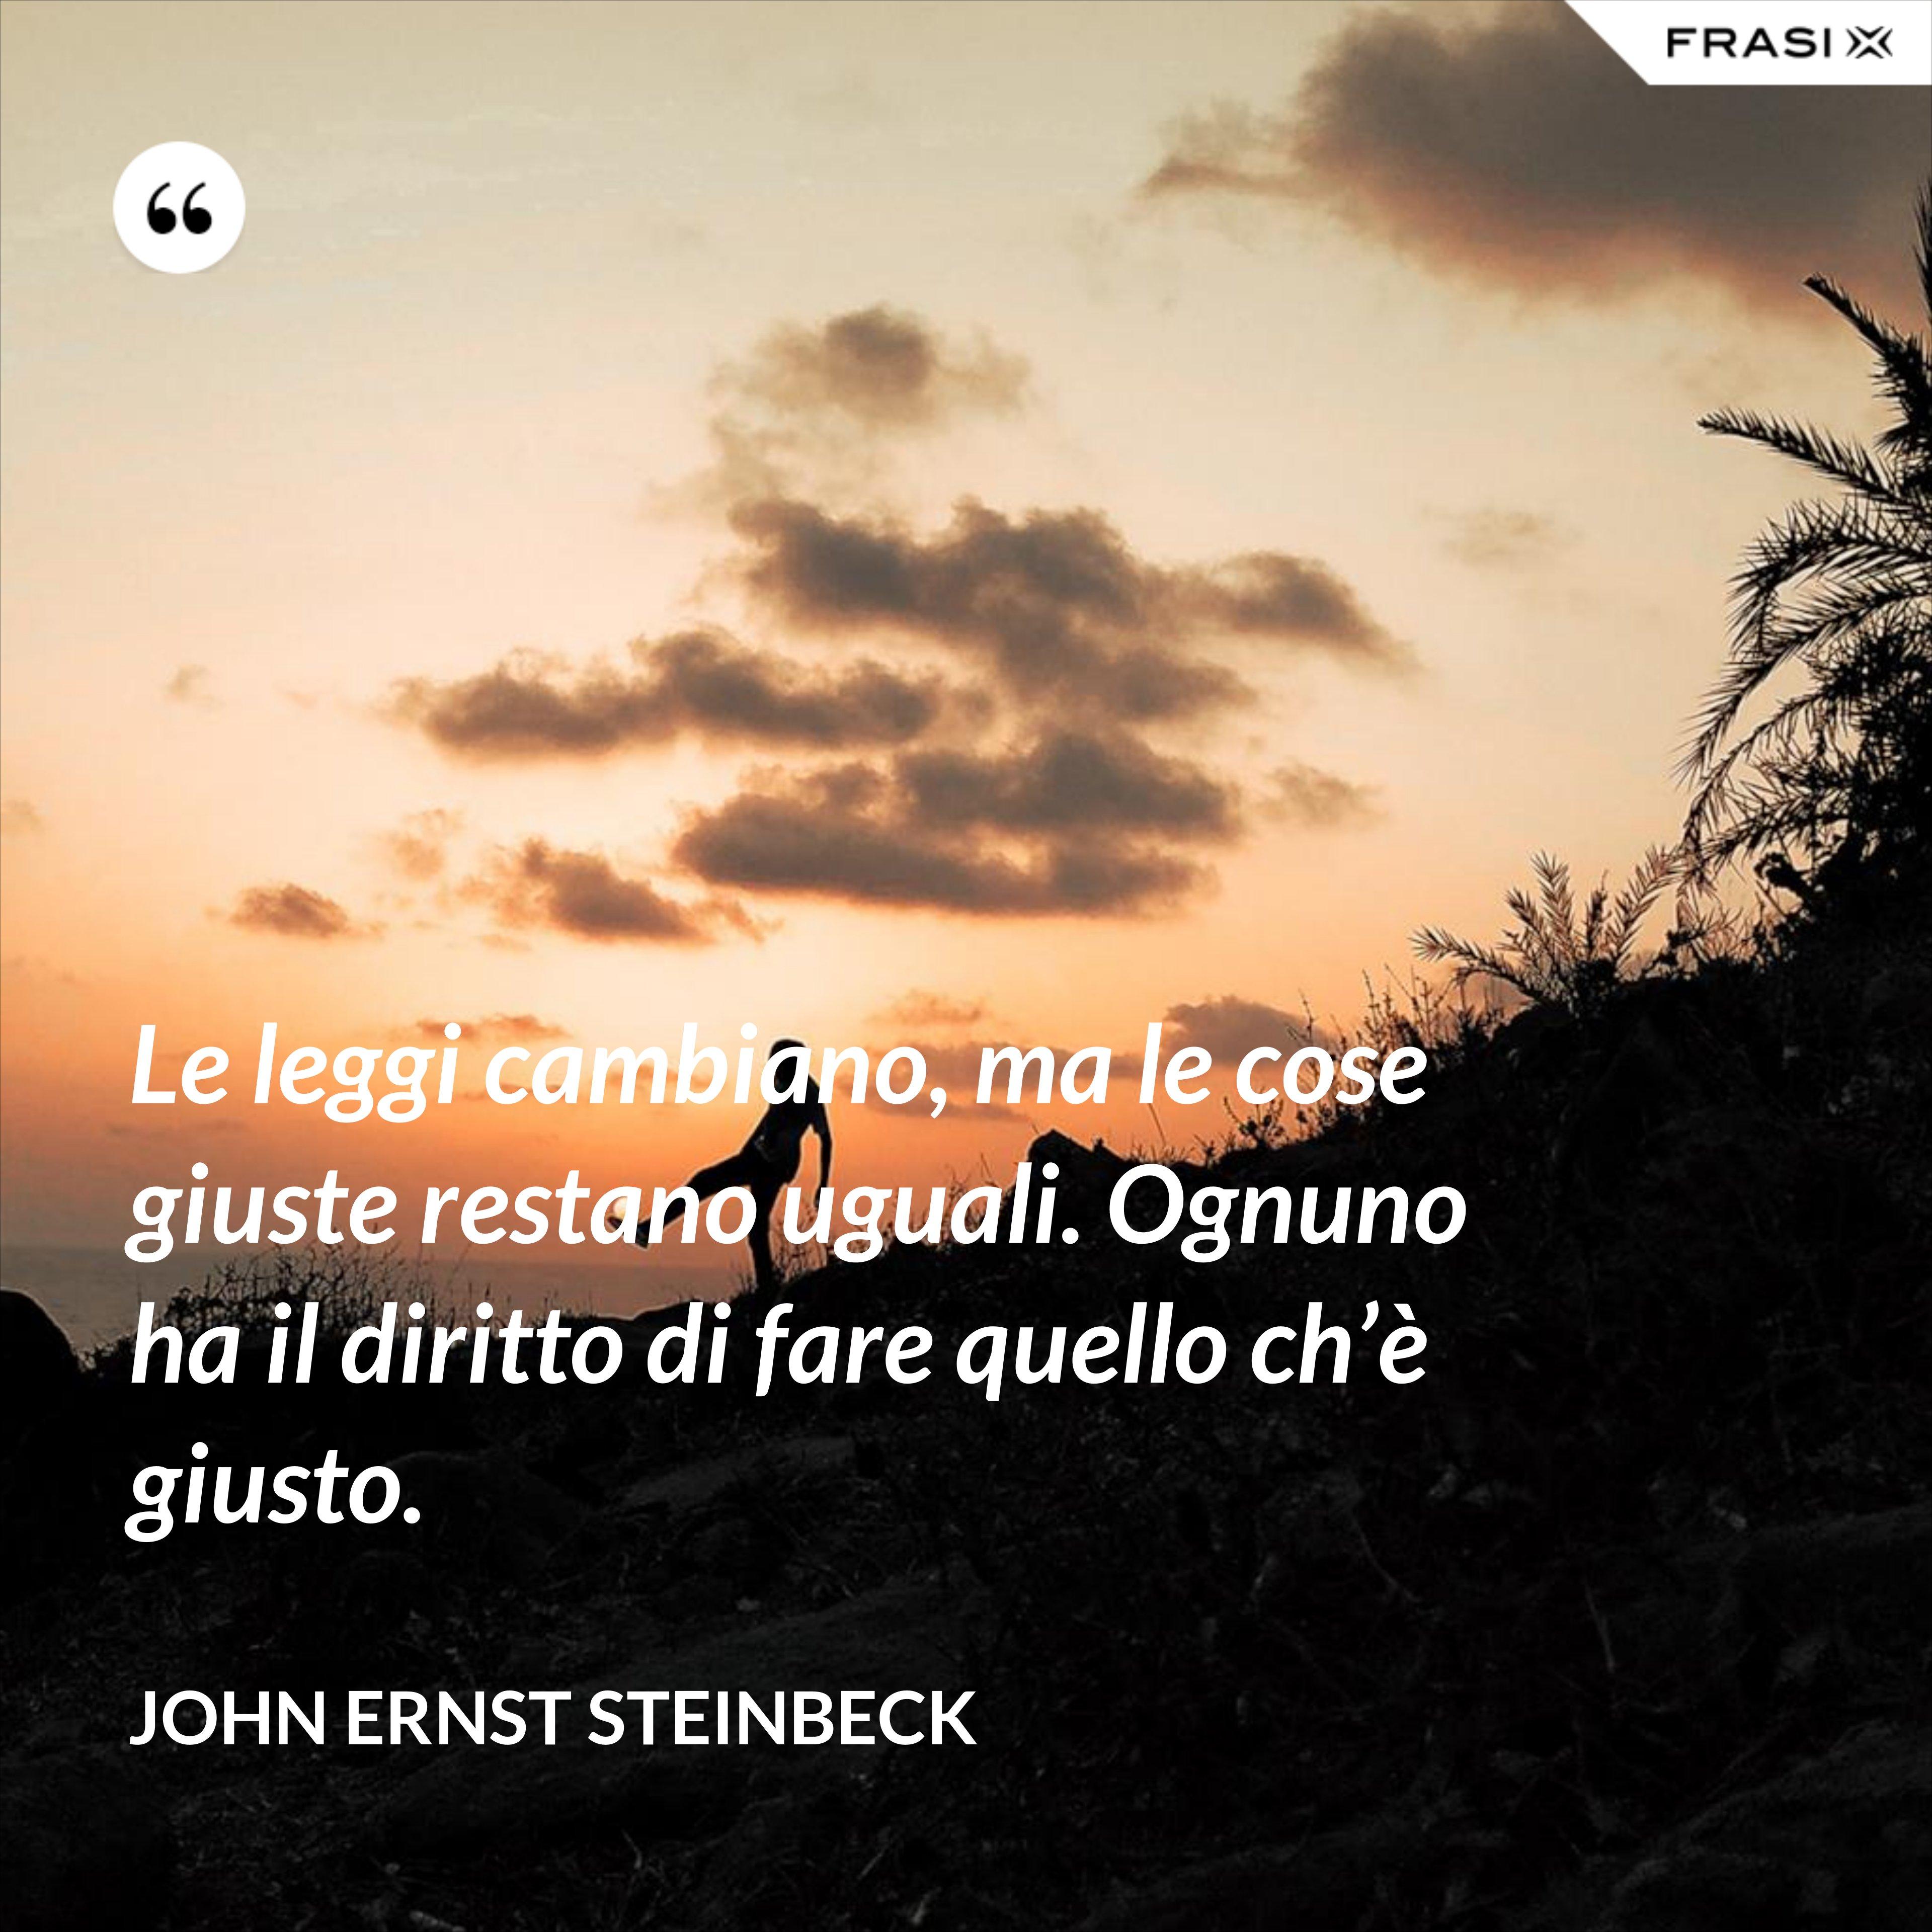 Le leggi cambiano, ma le cose giuste restano uguali. Ognuno ha il diritto di fare quello ch'è giusto. - John Ernst Steinbeck